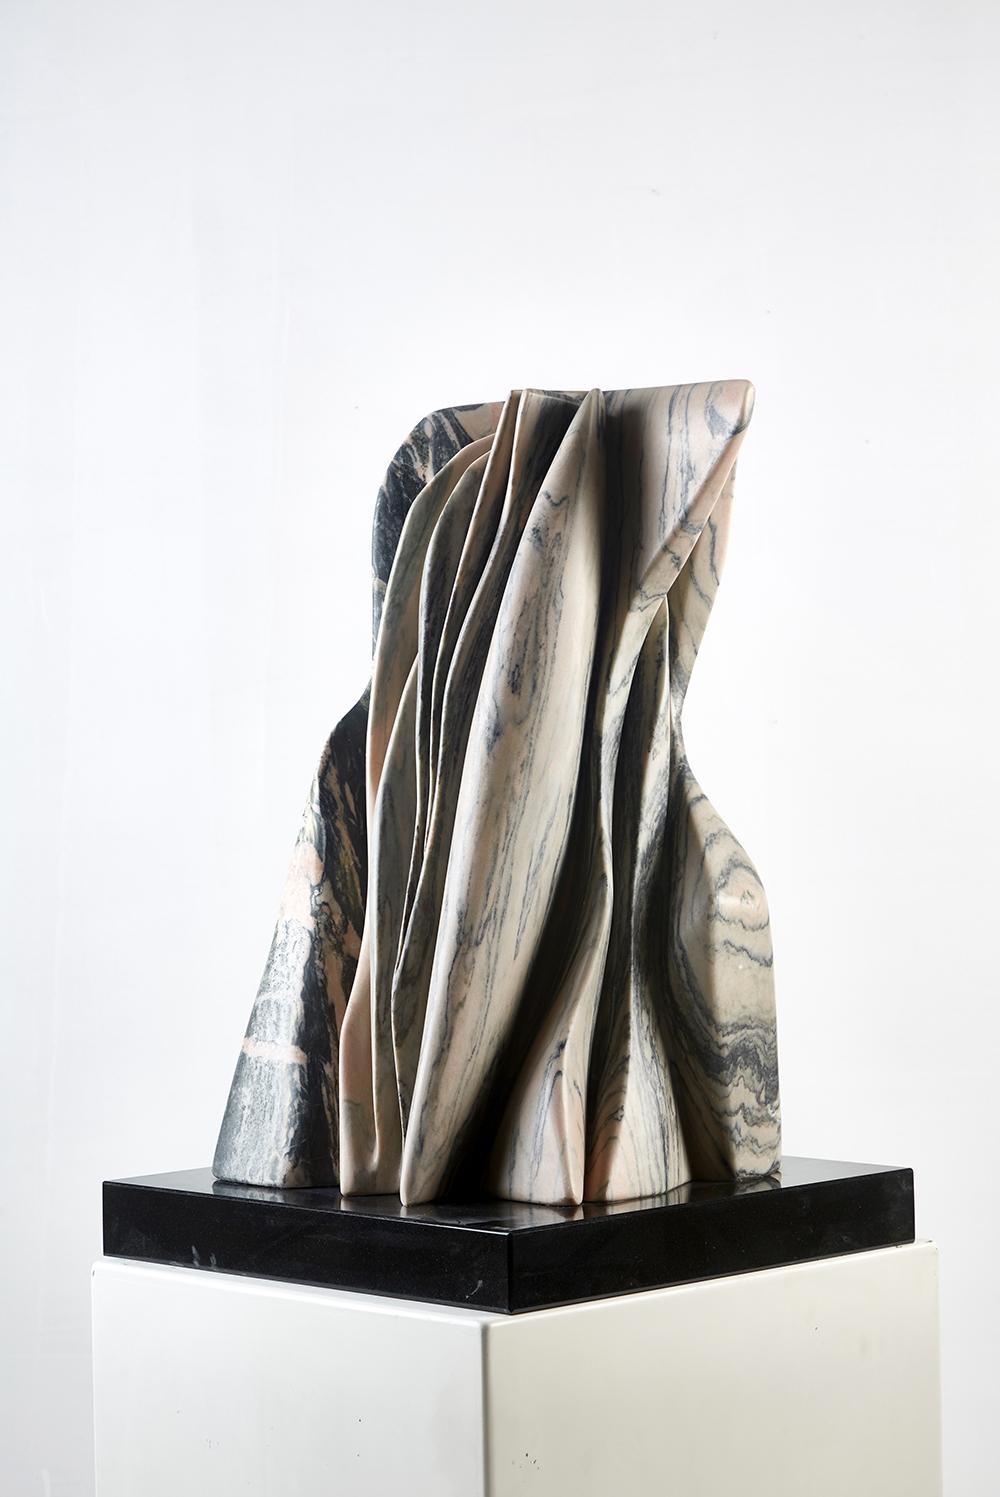 Marmo Rosa Del Portogallo untitled | contini art | modern & contemporary art gallery